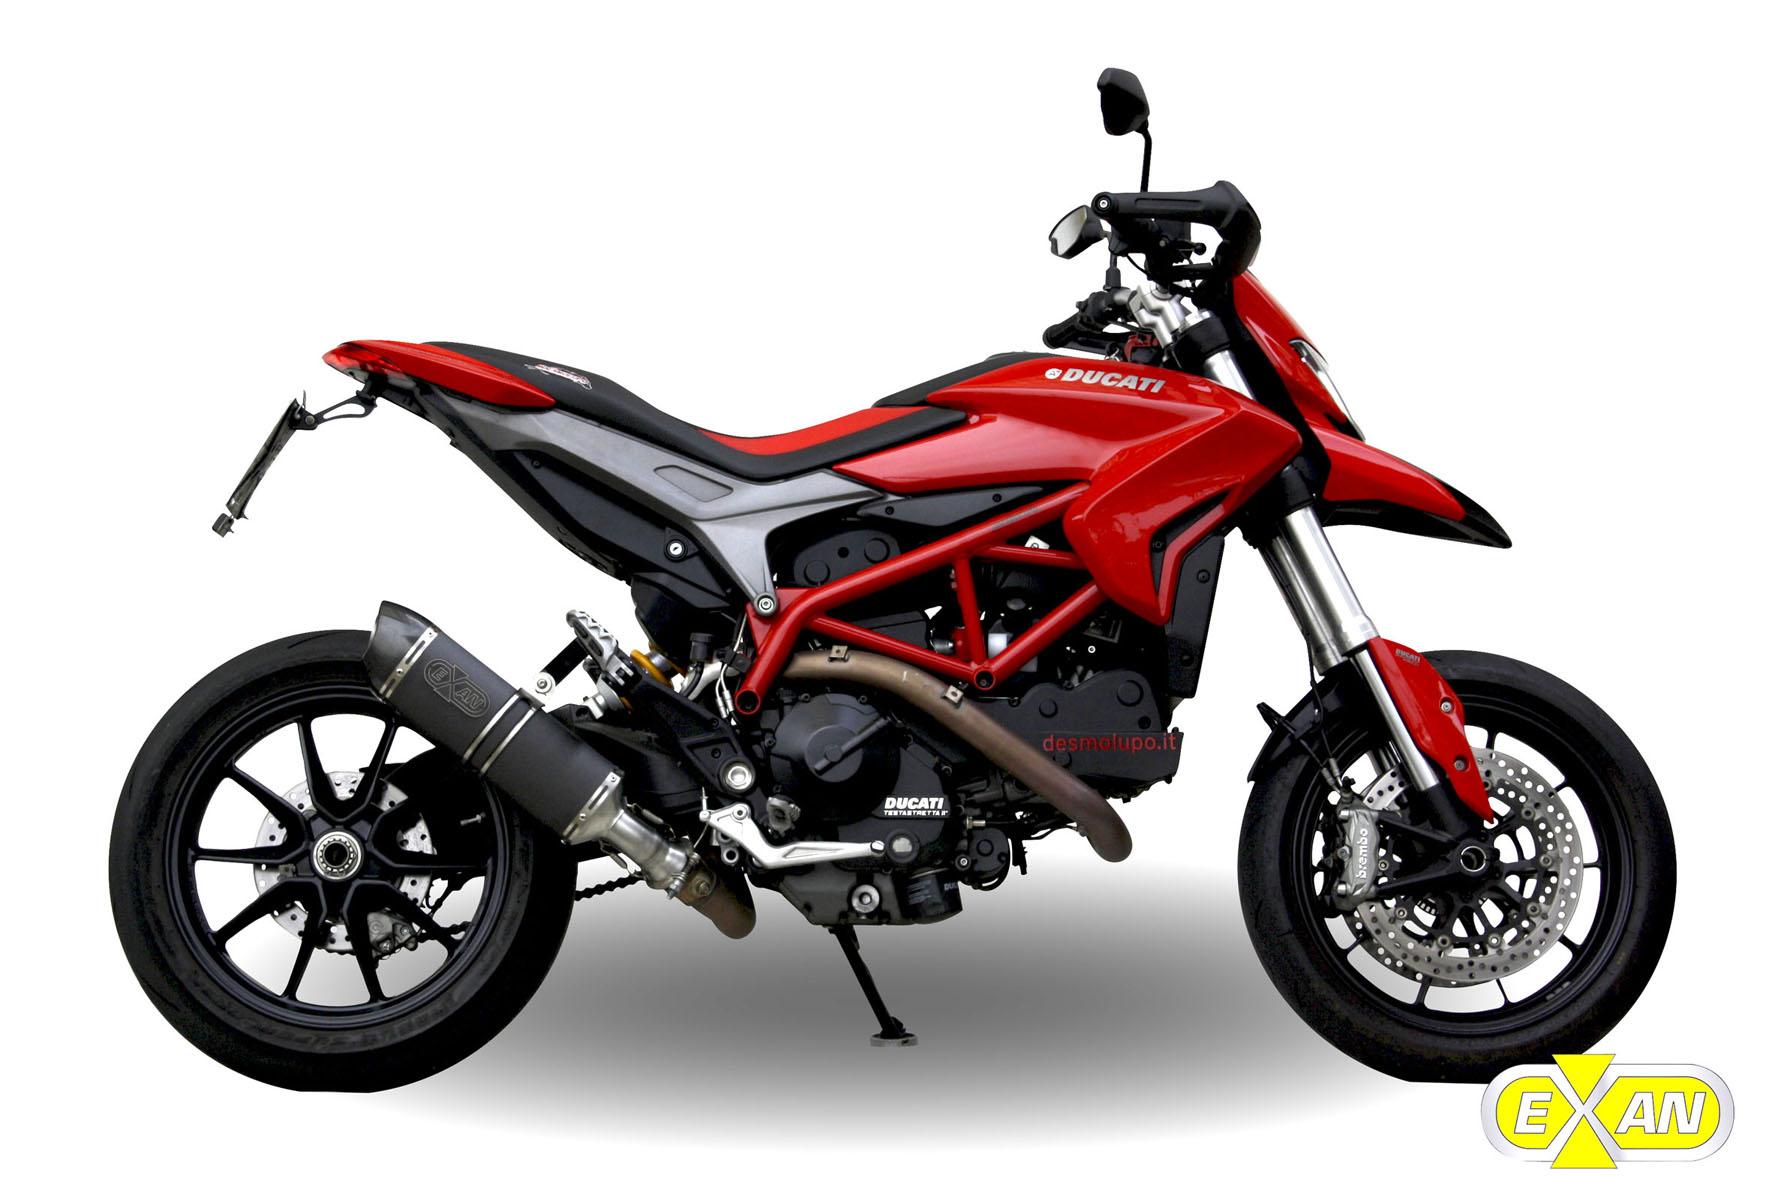 Exan e Ducati Hypermotard